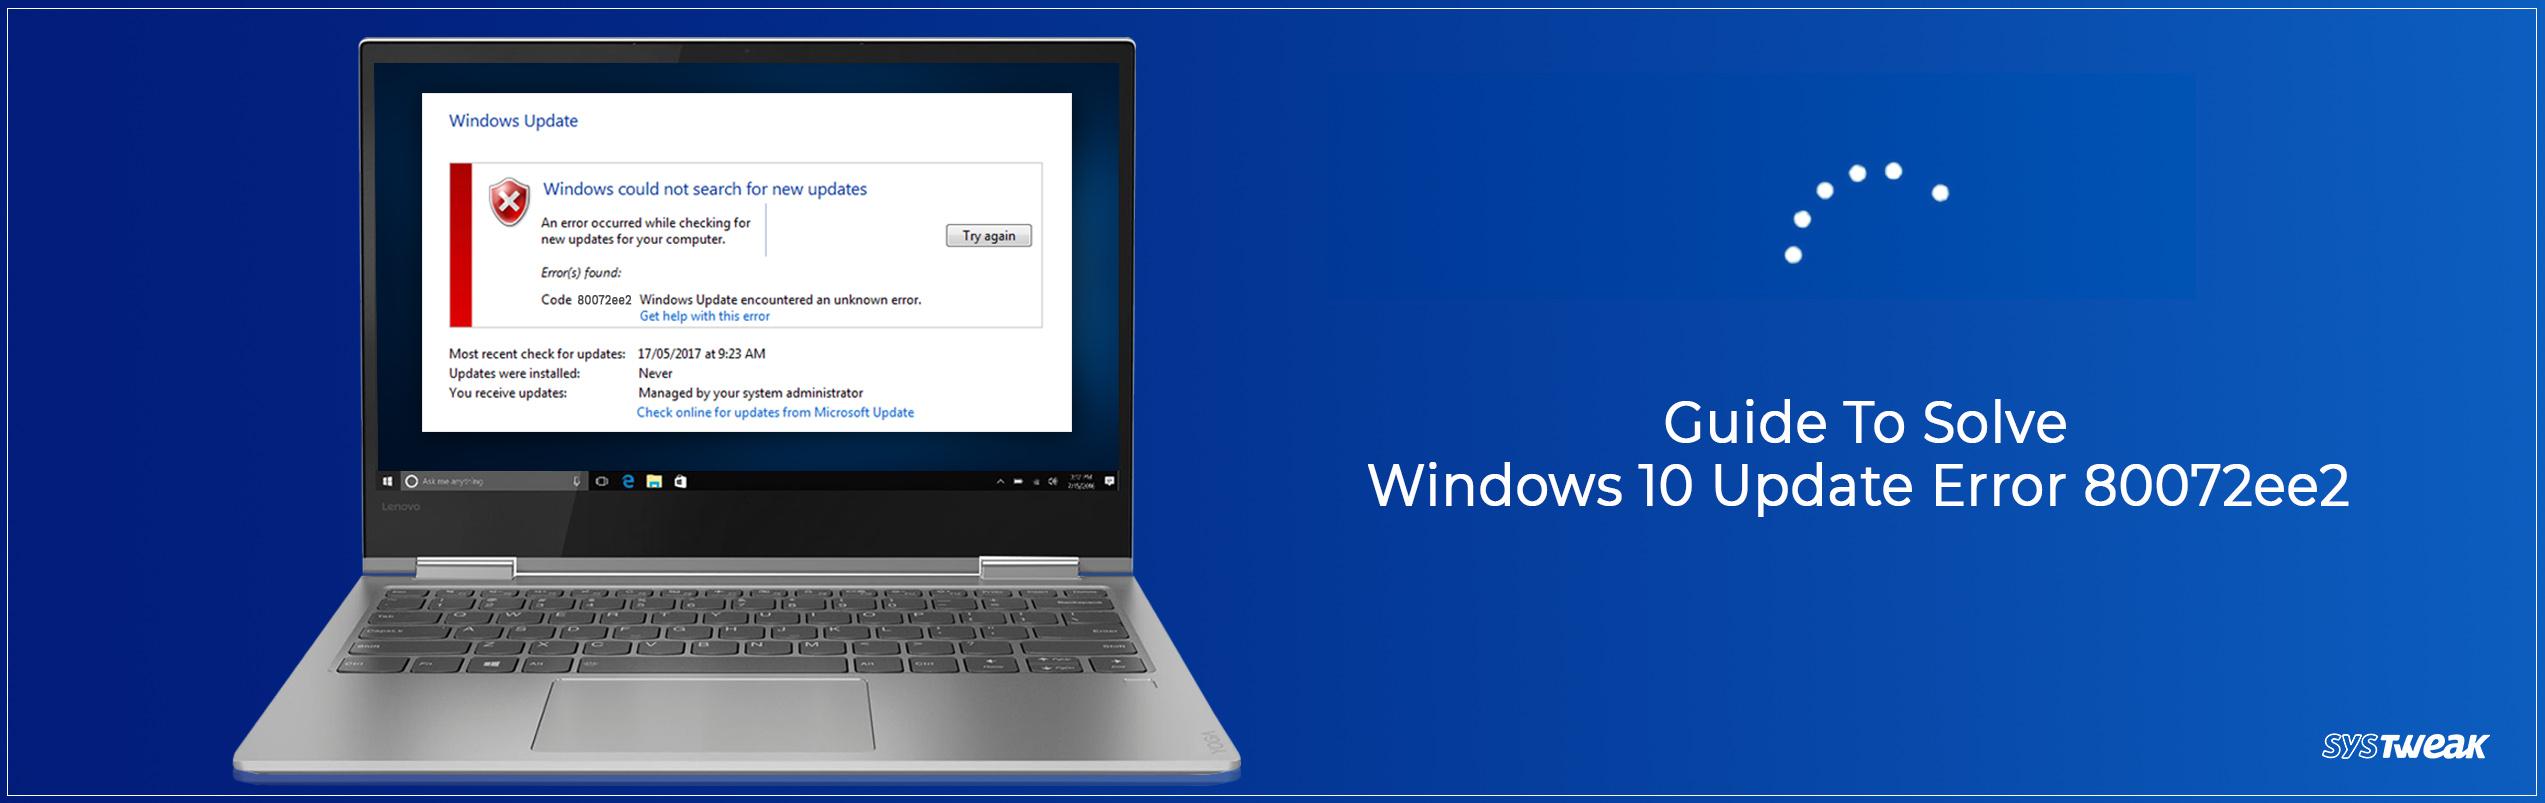 How to Fix Windows 10 Update Error Code: 80072ee2